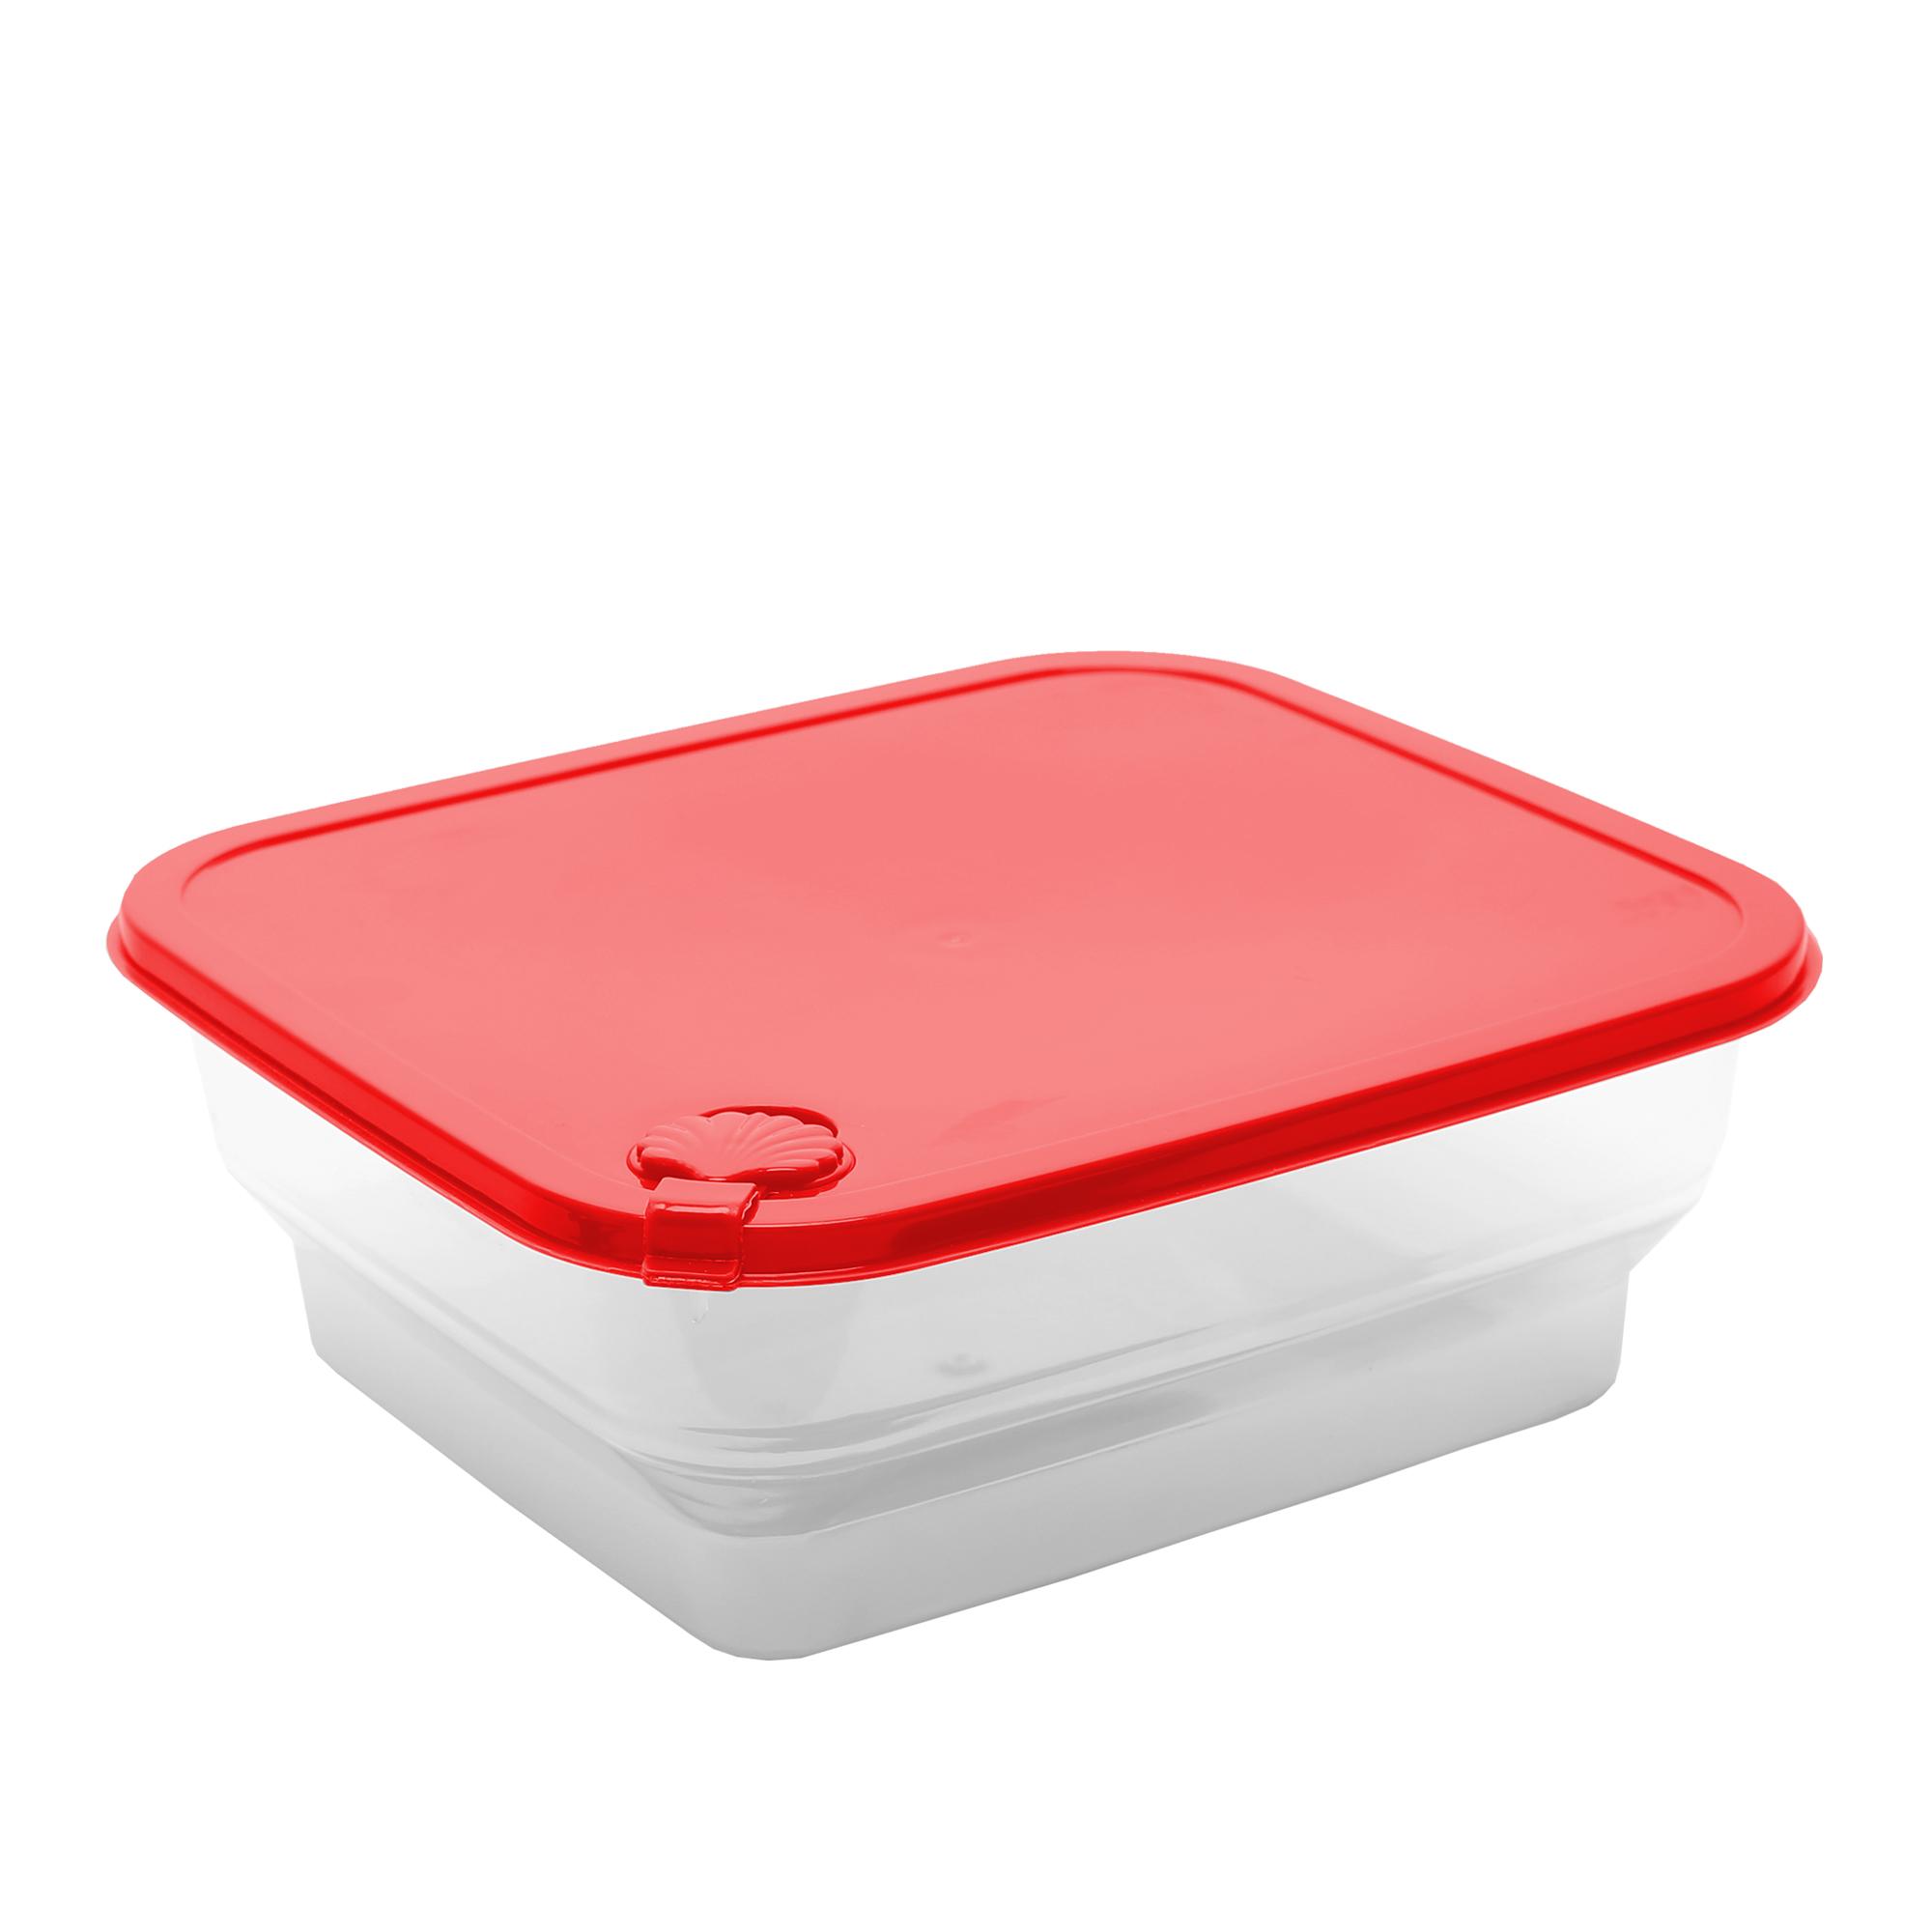 Pote Concha Quadrado 1.6 Lts - Vermelho